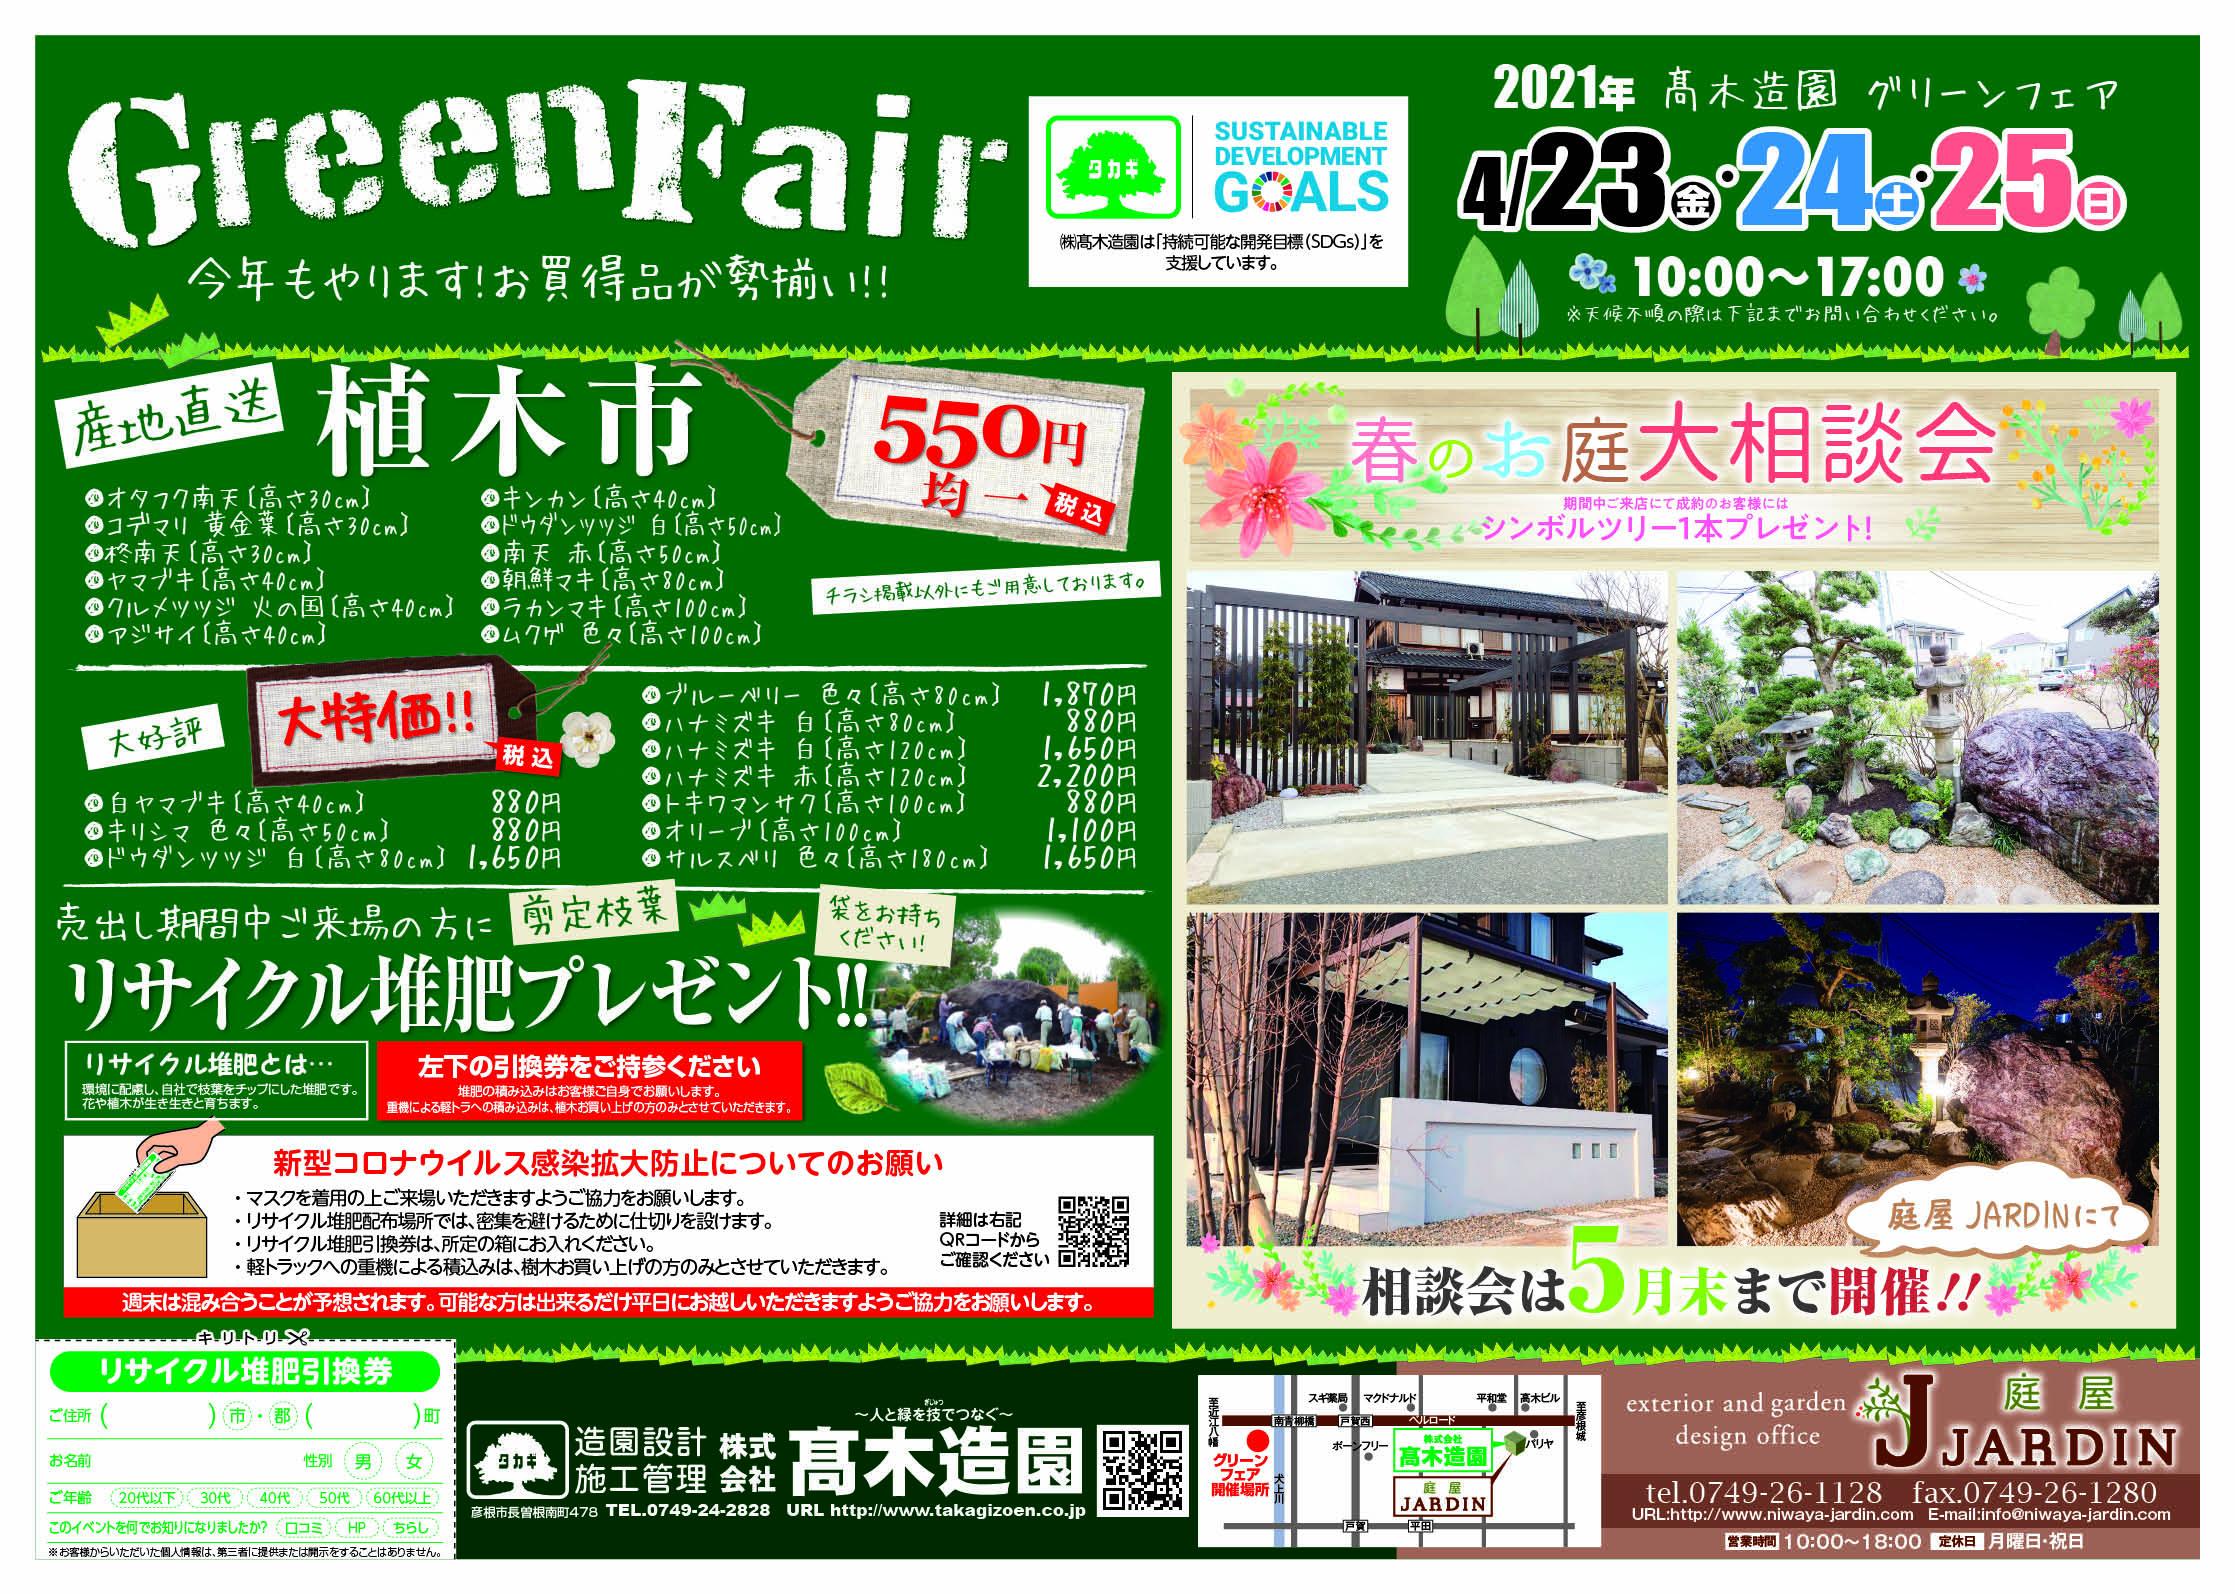 春のグリーンフェアを開催します!